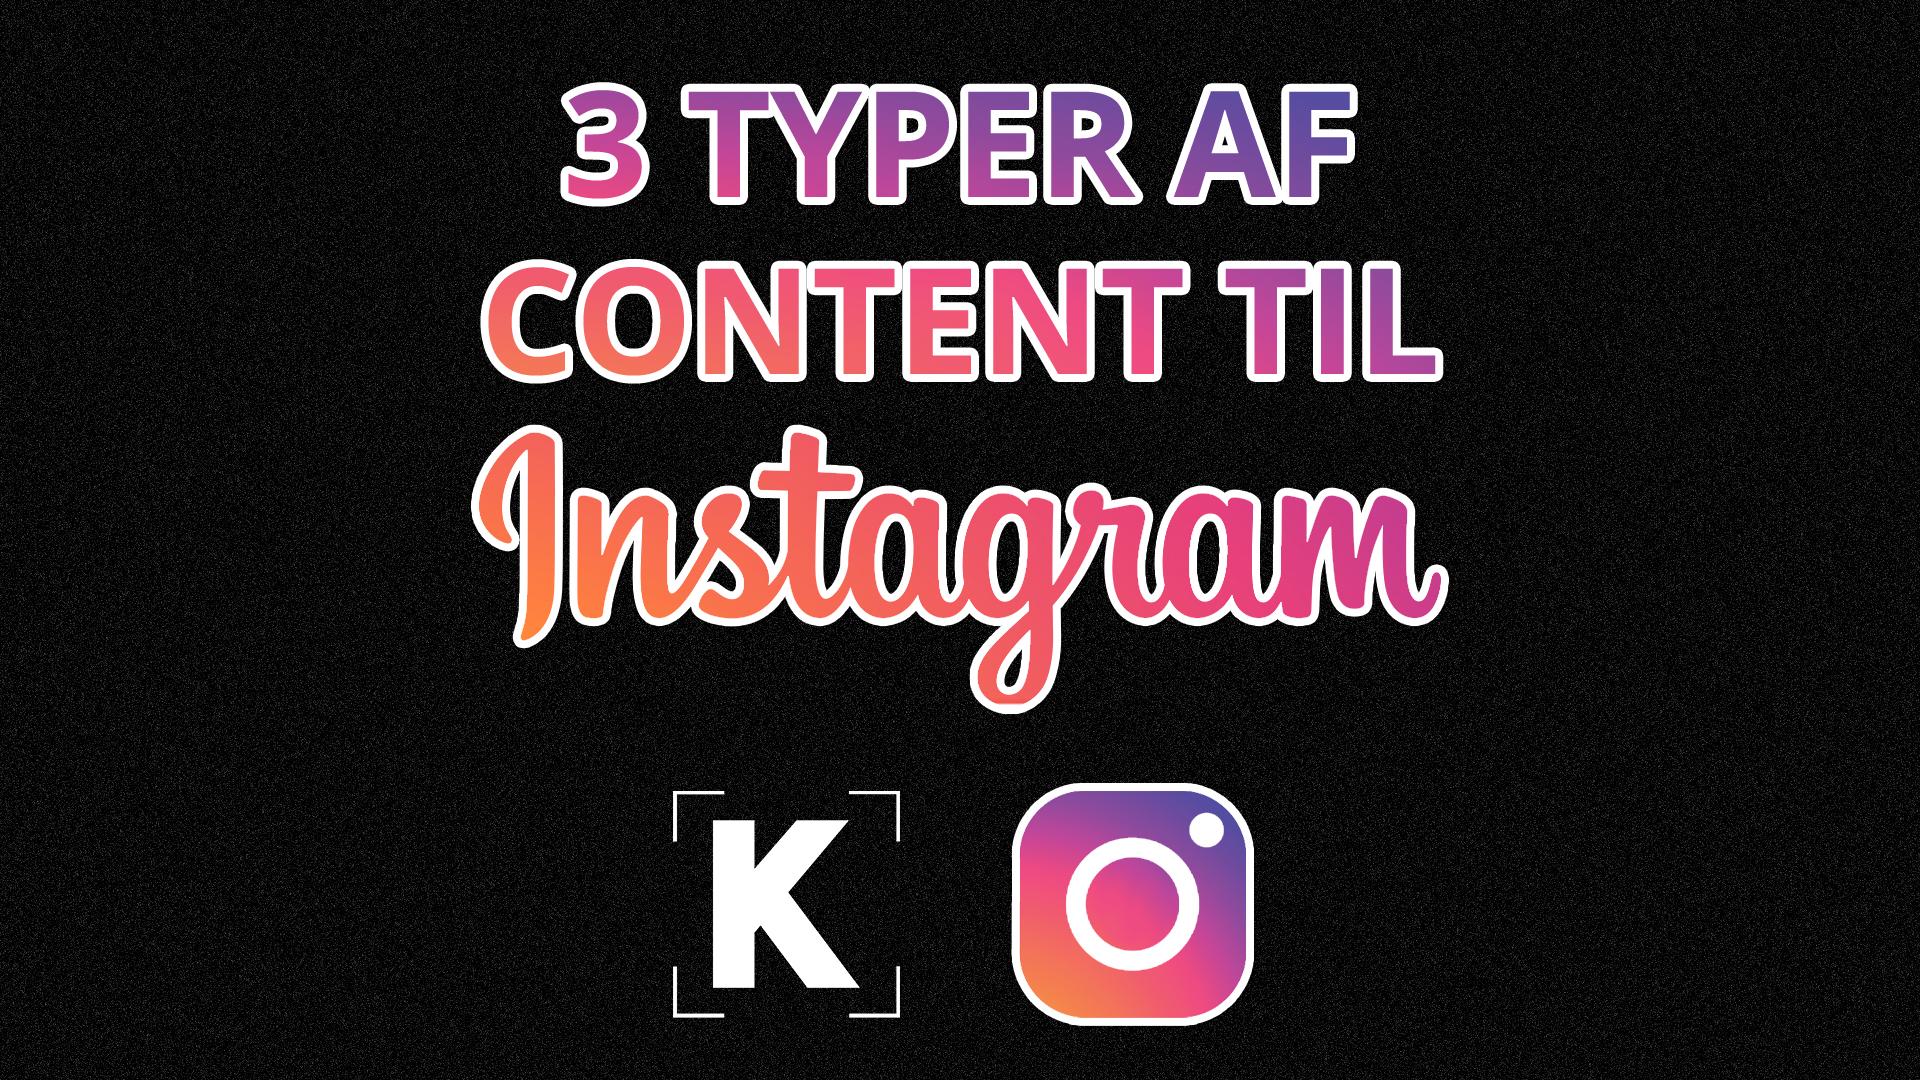 3 typer af content til Instagram